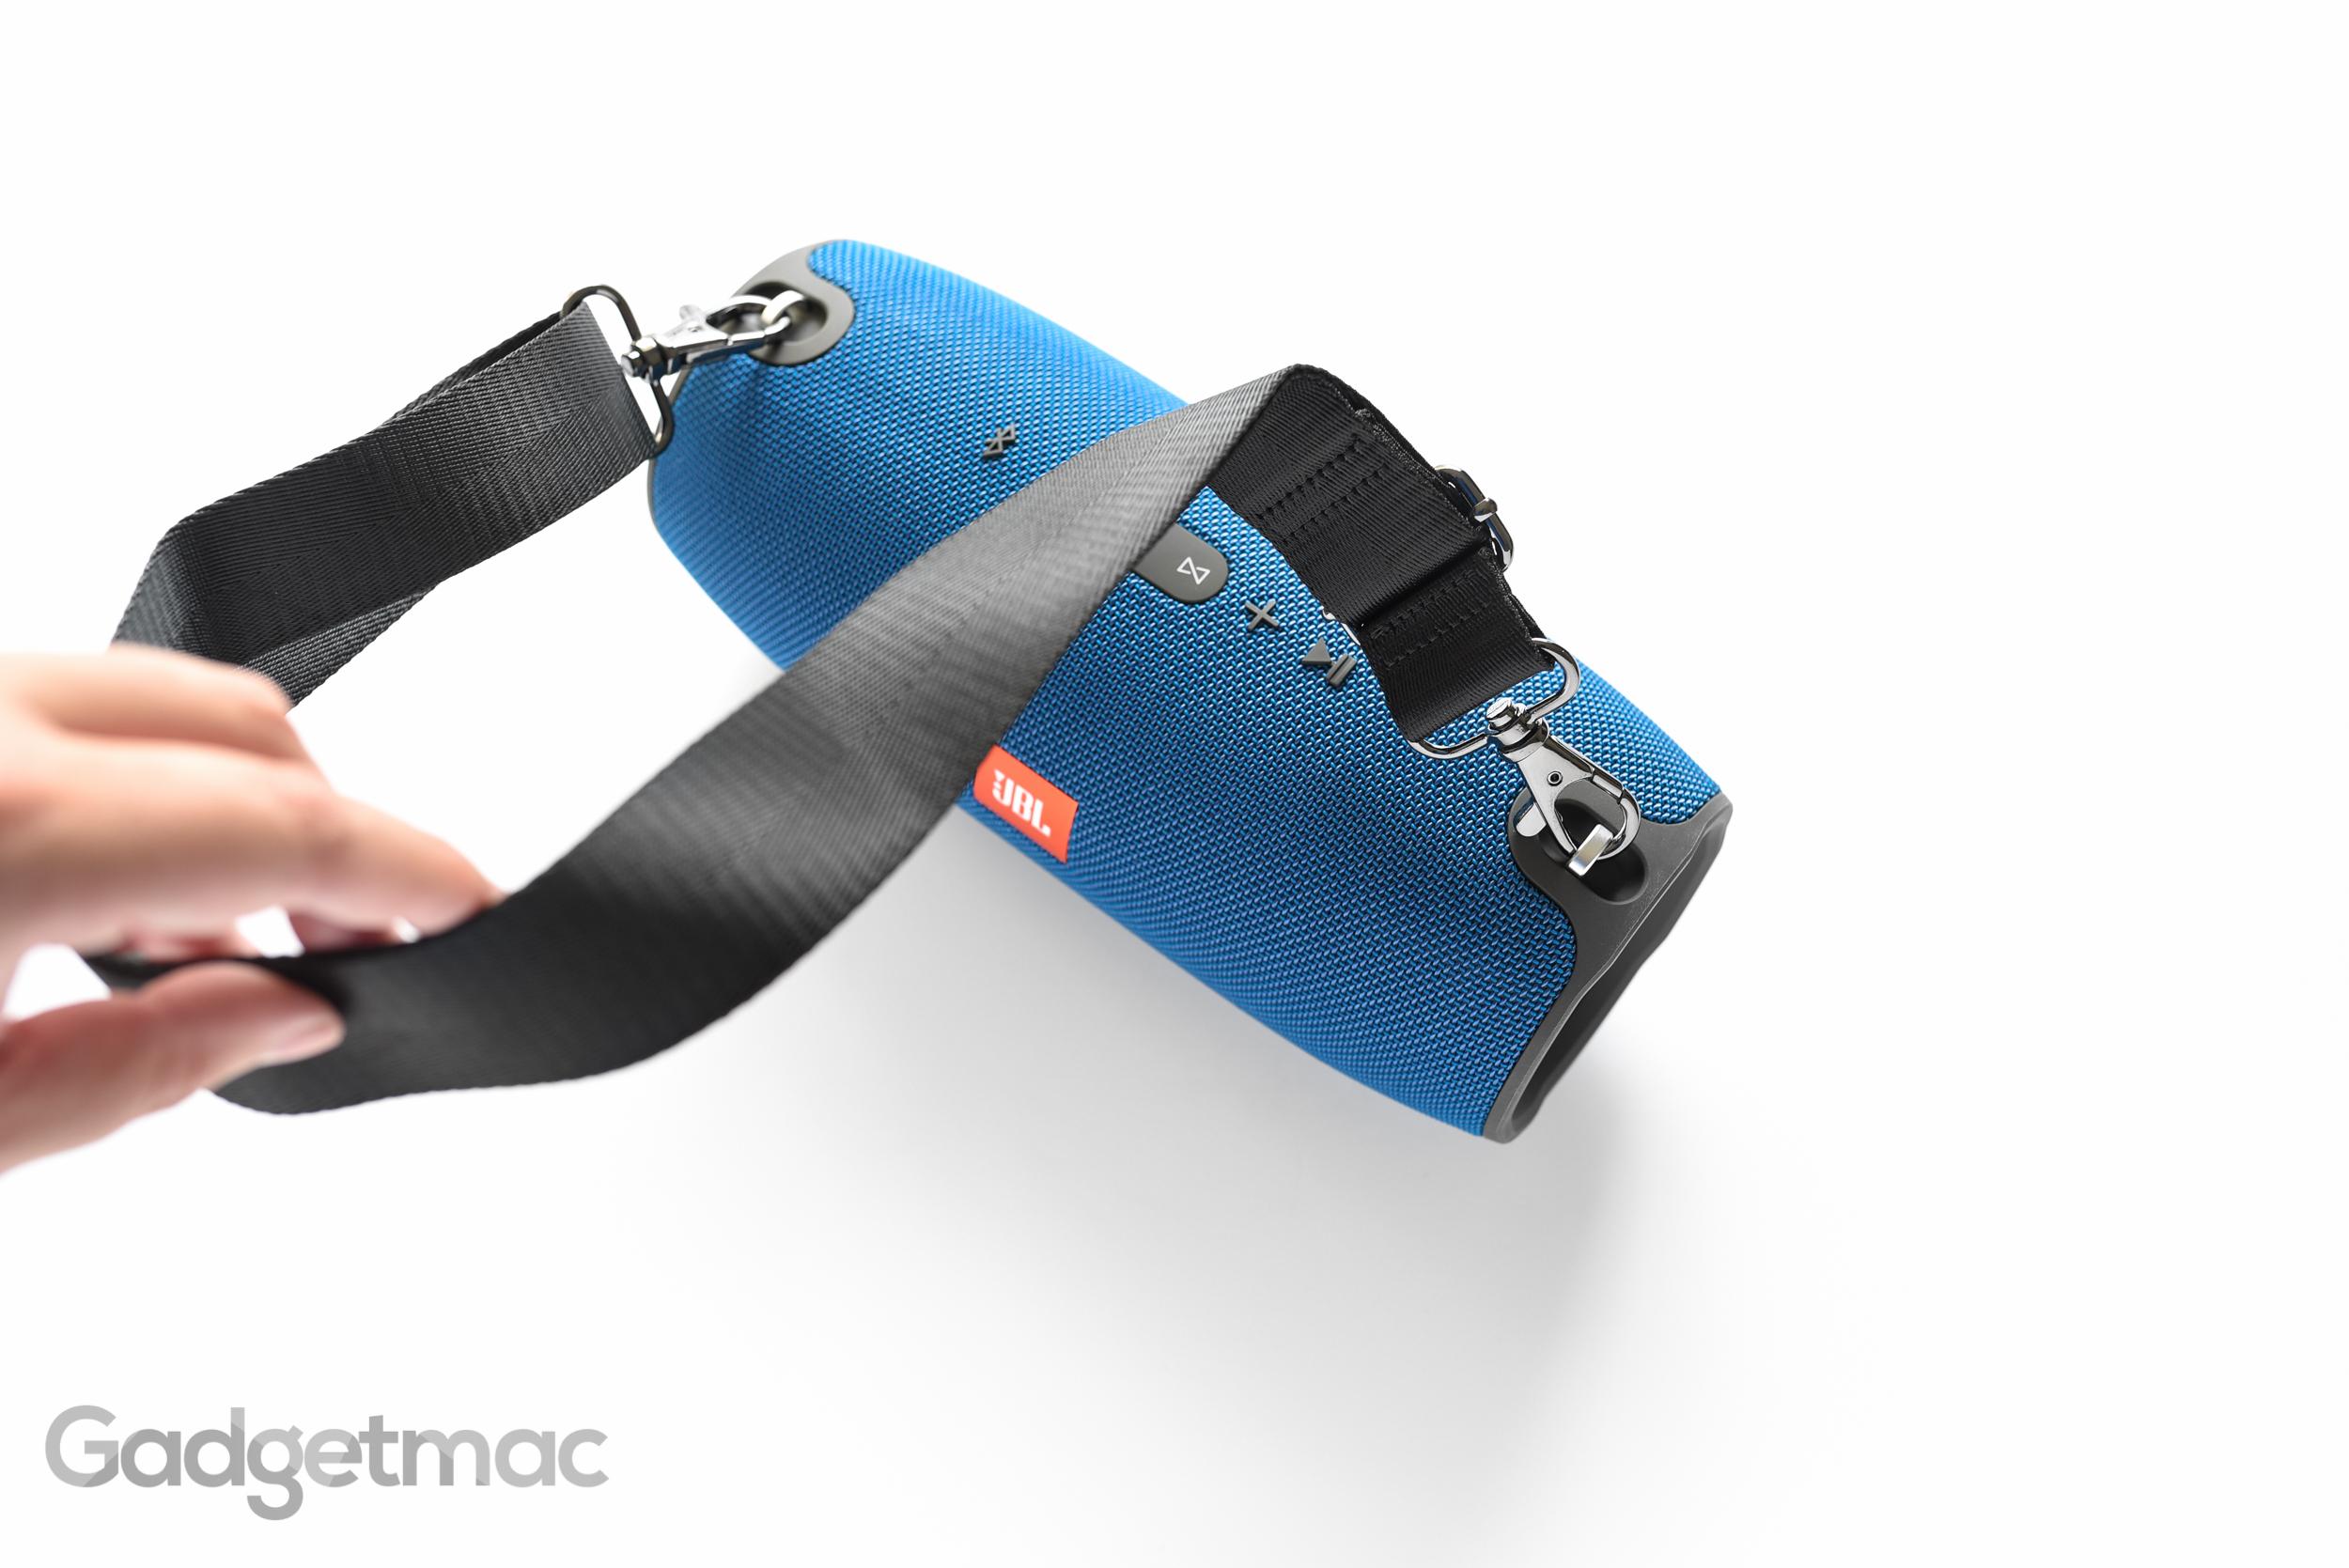 jbl-xtreme-portable-speaker-shoulder-strap.jpg